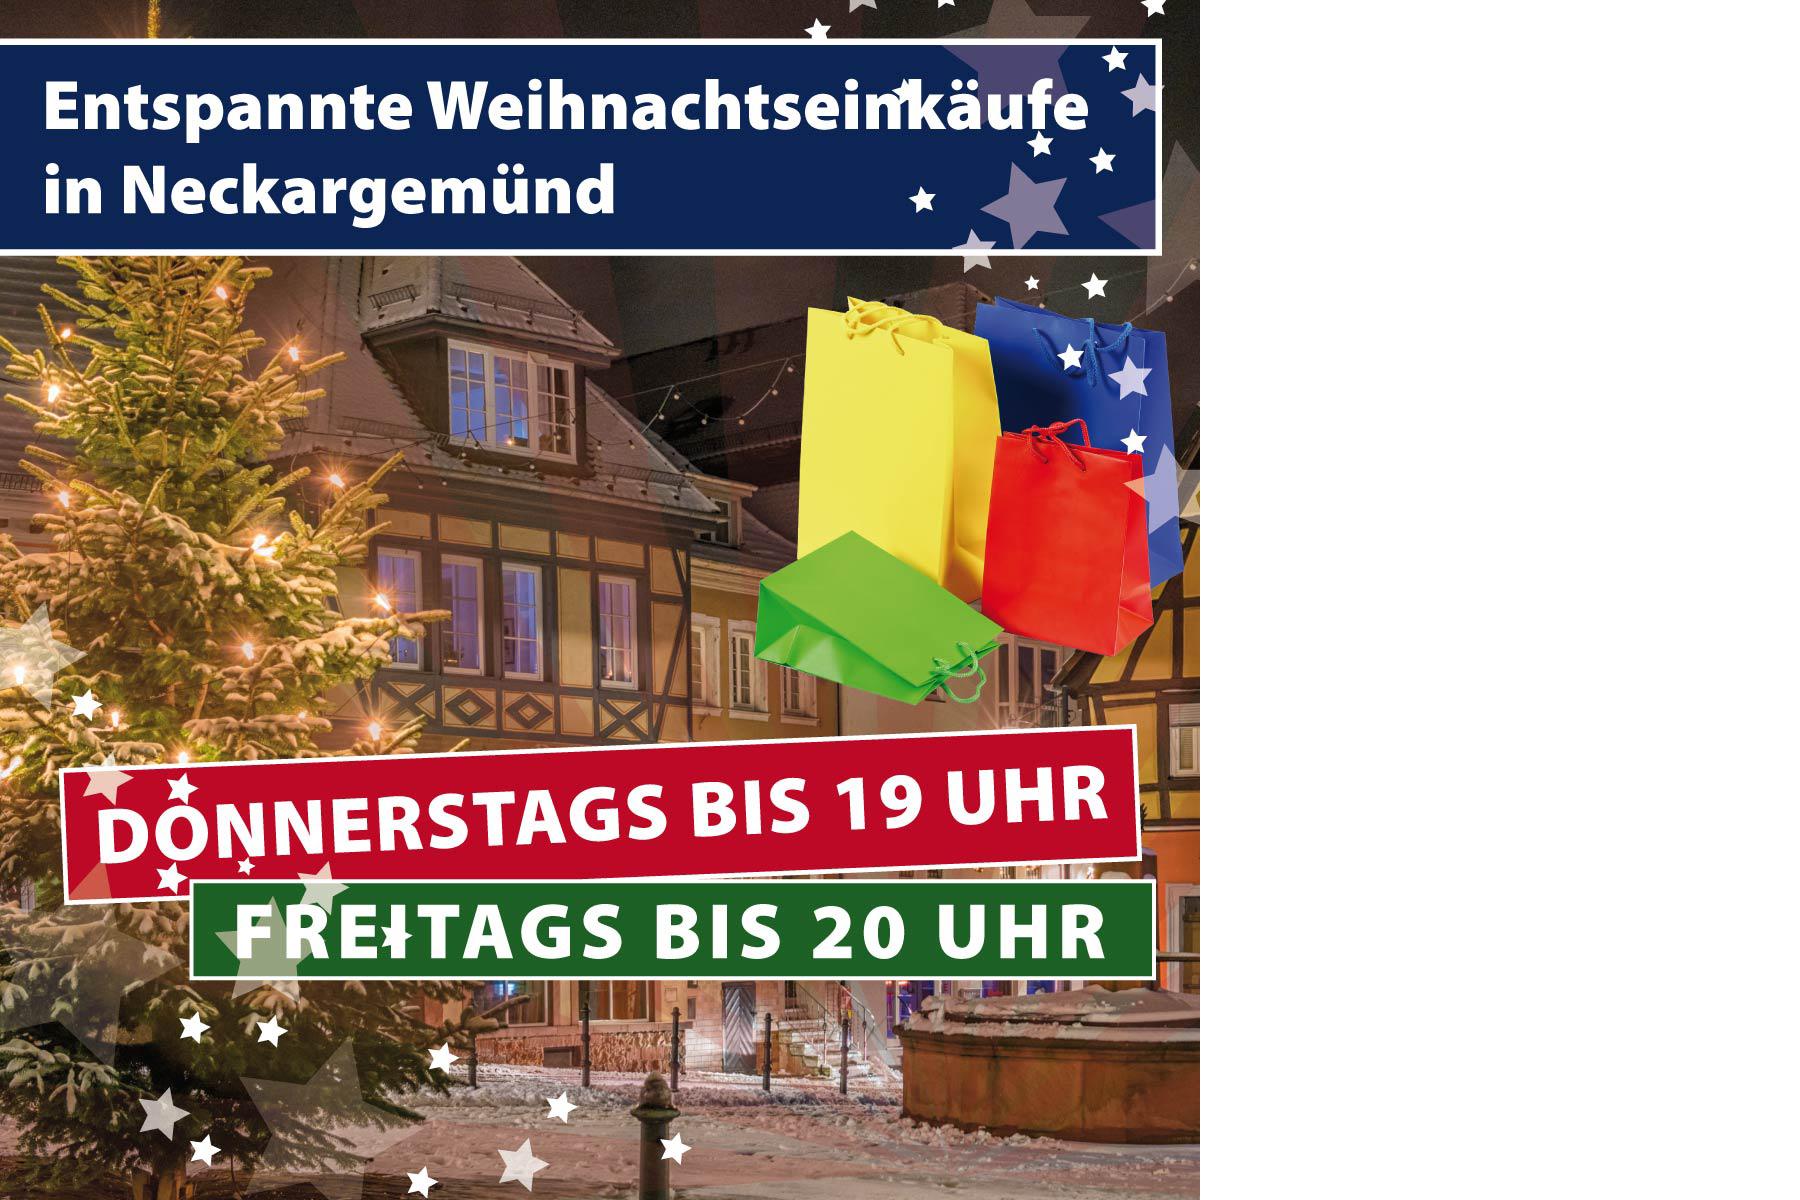 Entspannte Weihnachtseinkäufe  in Neckargemünd